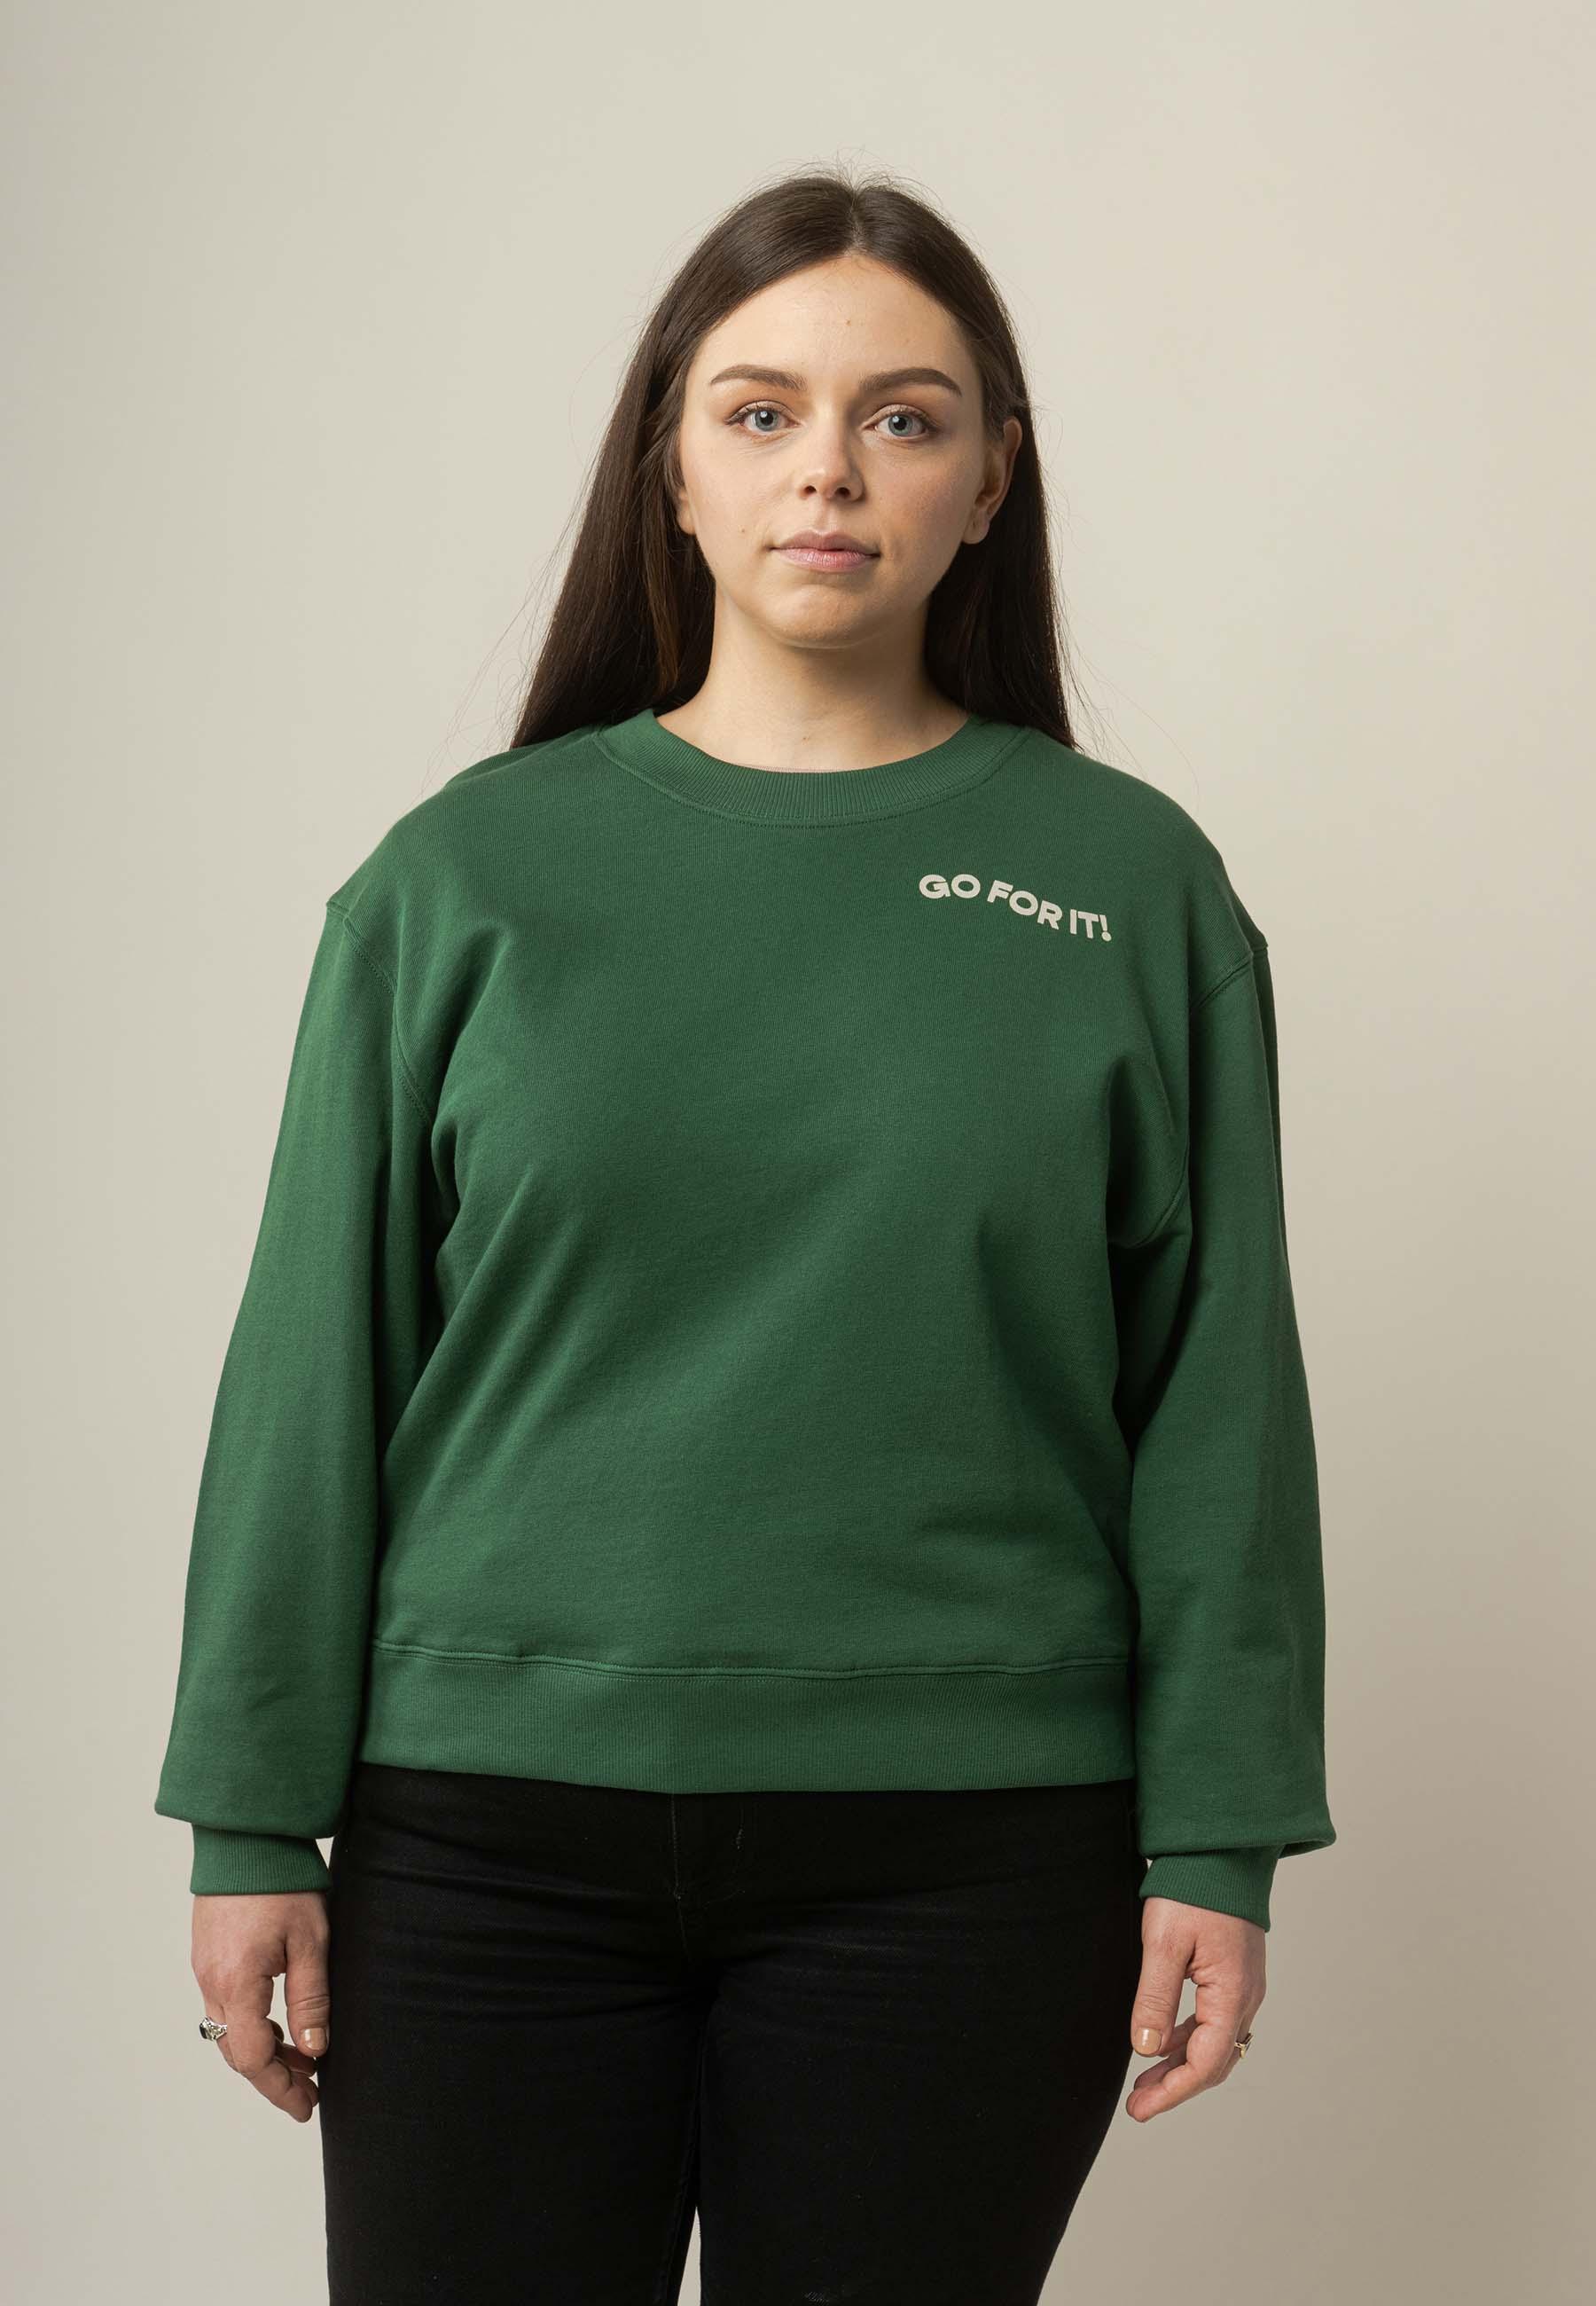 Damen Bedrucktes Sweatshirt RATI